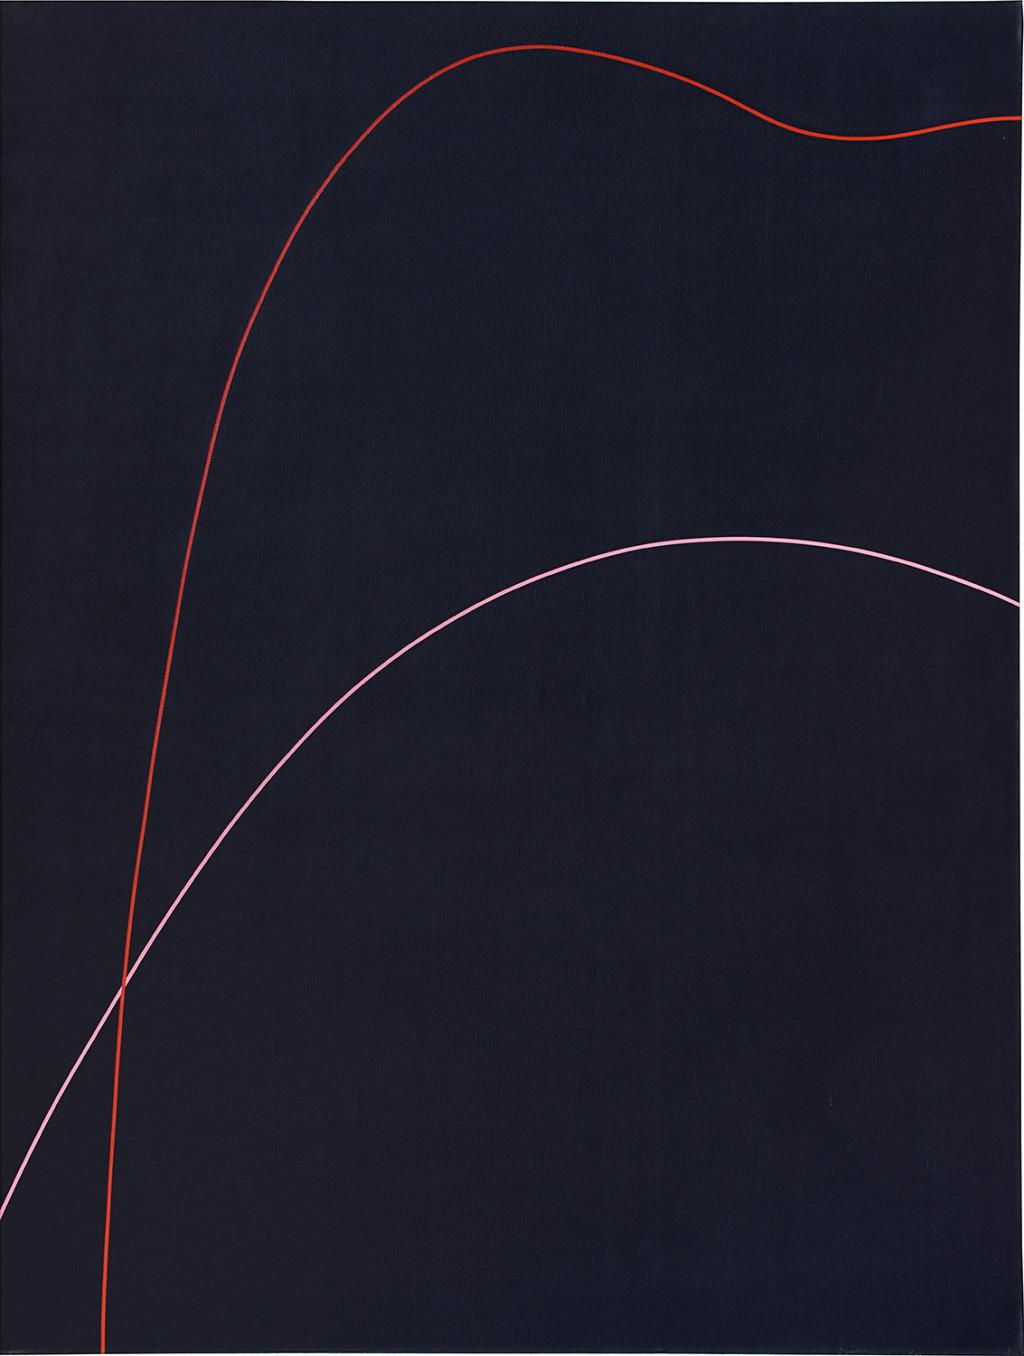 Virginia Jaramillo, Untitled, 1971